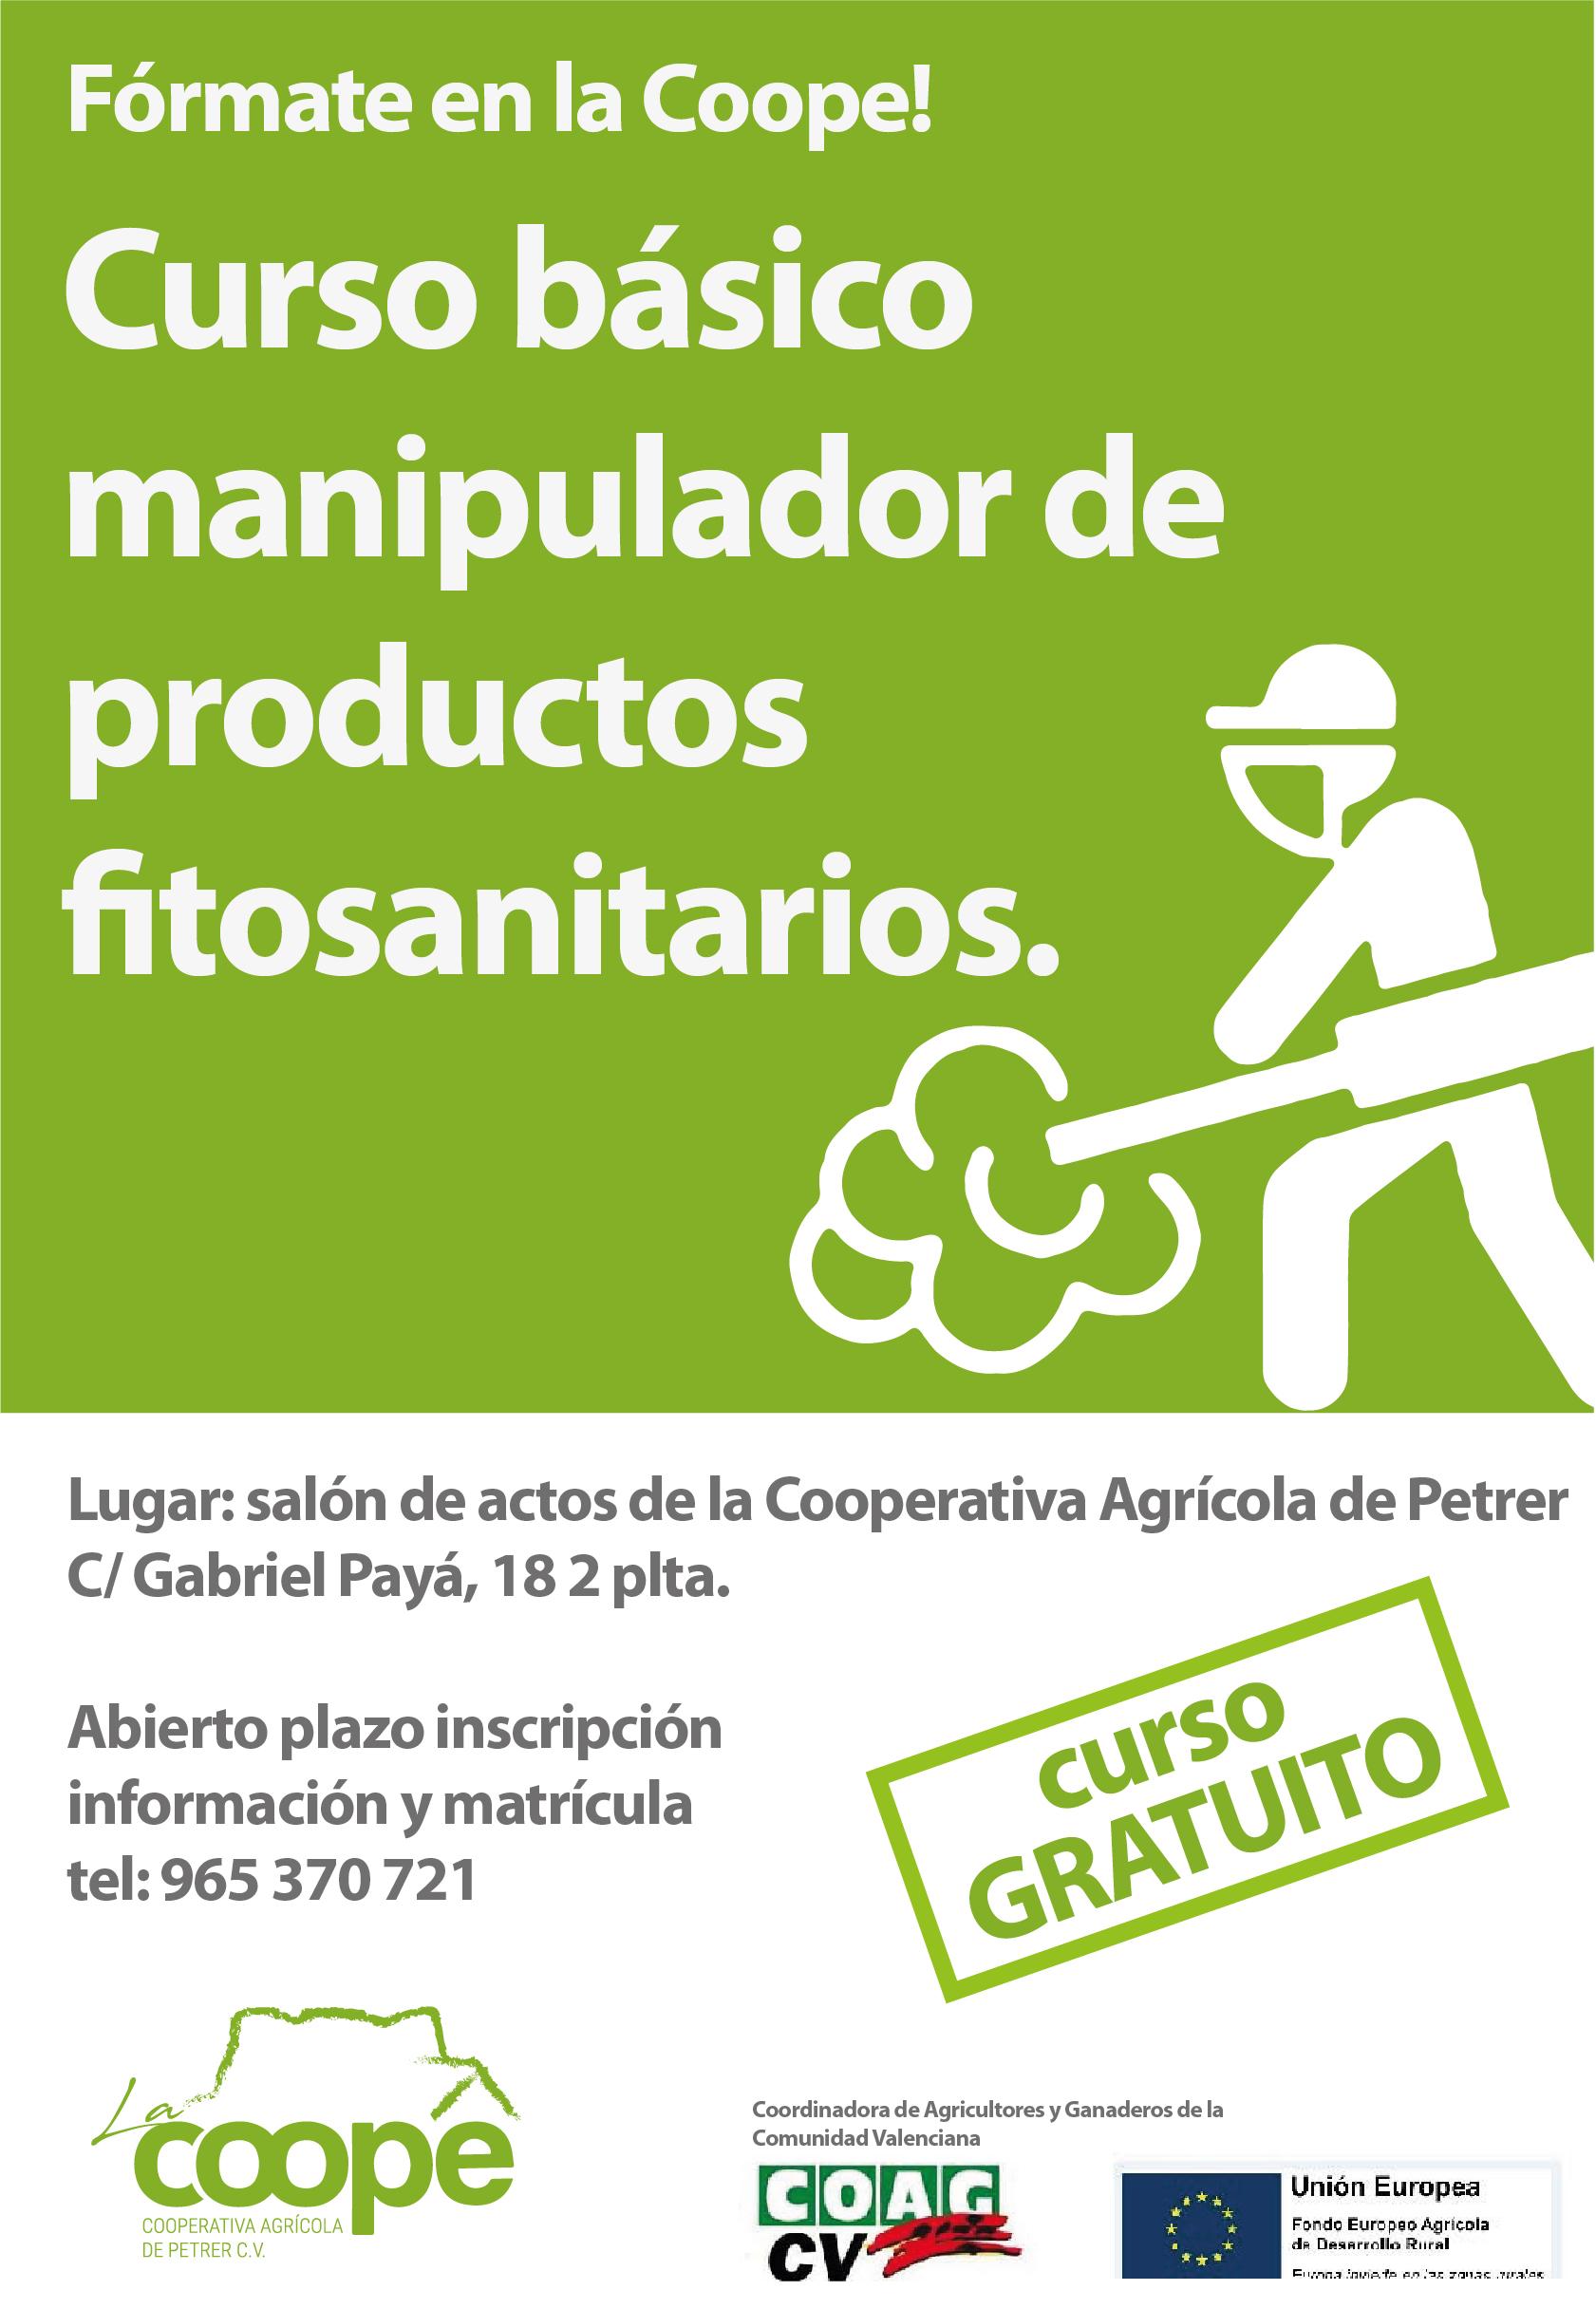 Curso básico de manipulador productos fitosanitarios en la cooperativa agrícola de Petrer